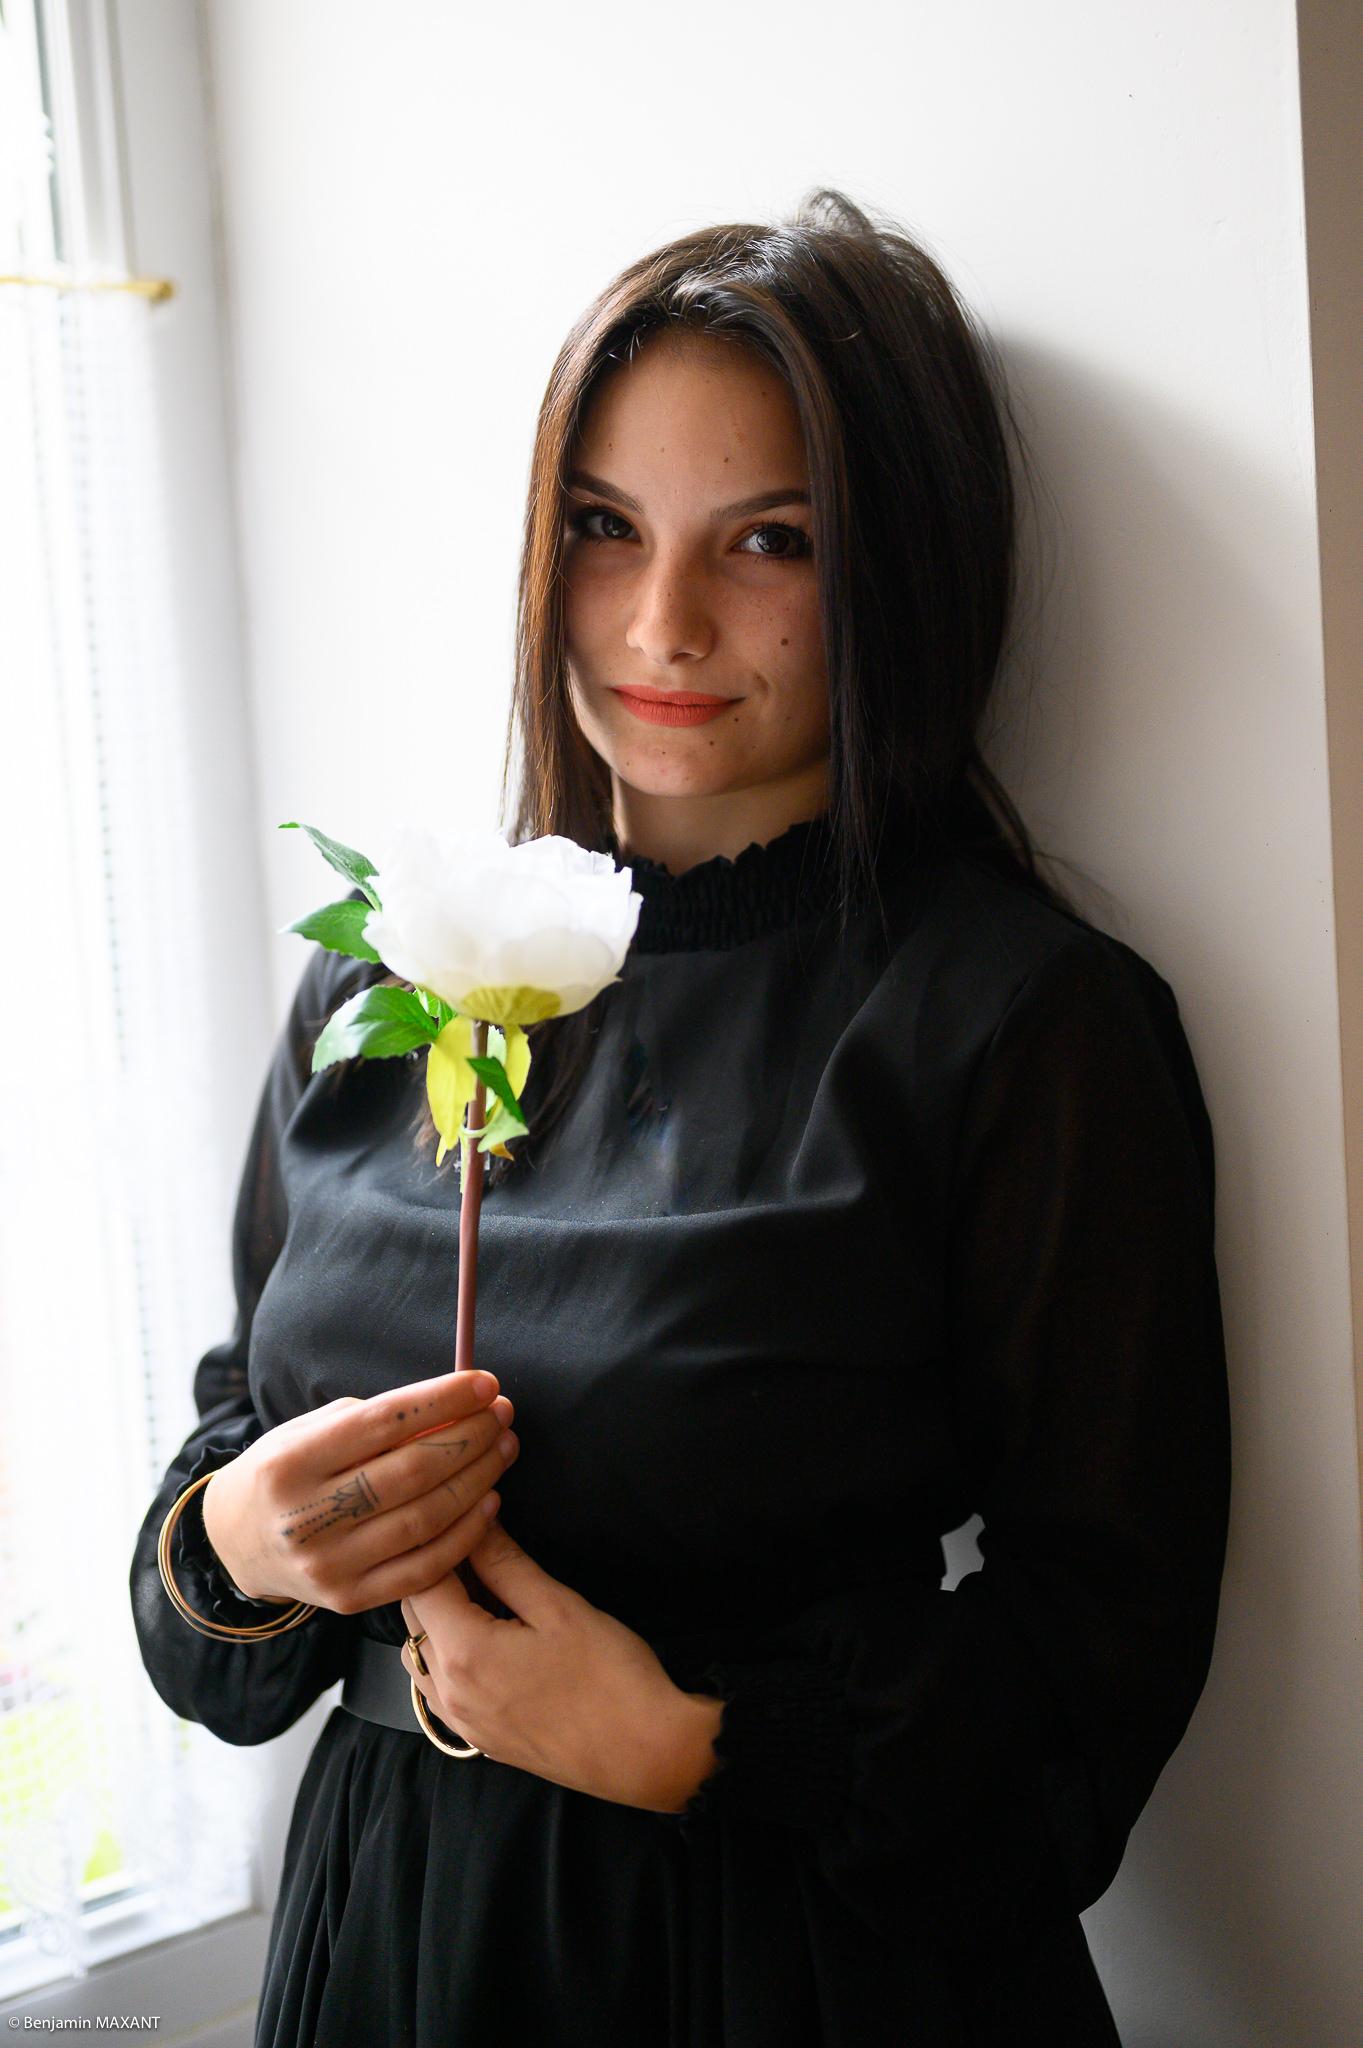 Séance photo boudoir robe noire adosées contre le mur tenant une fleur dans les mains